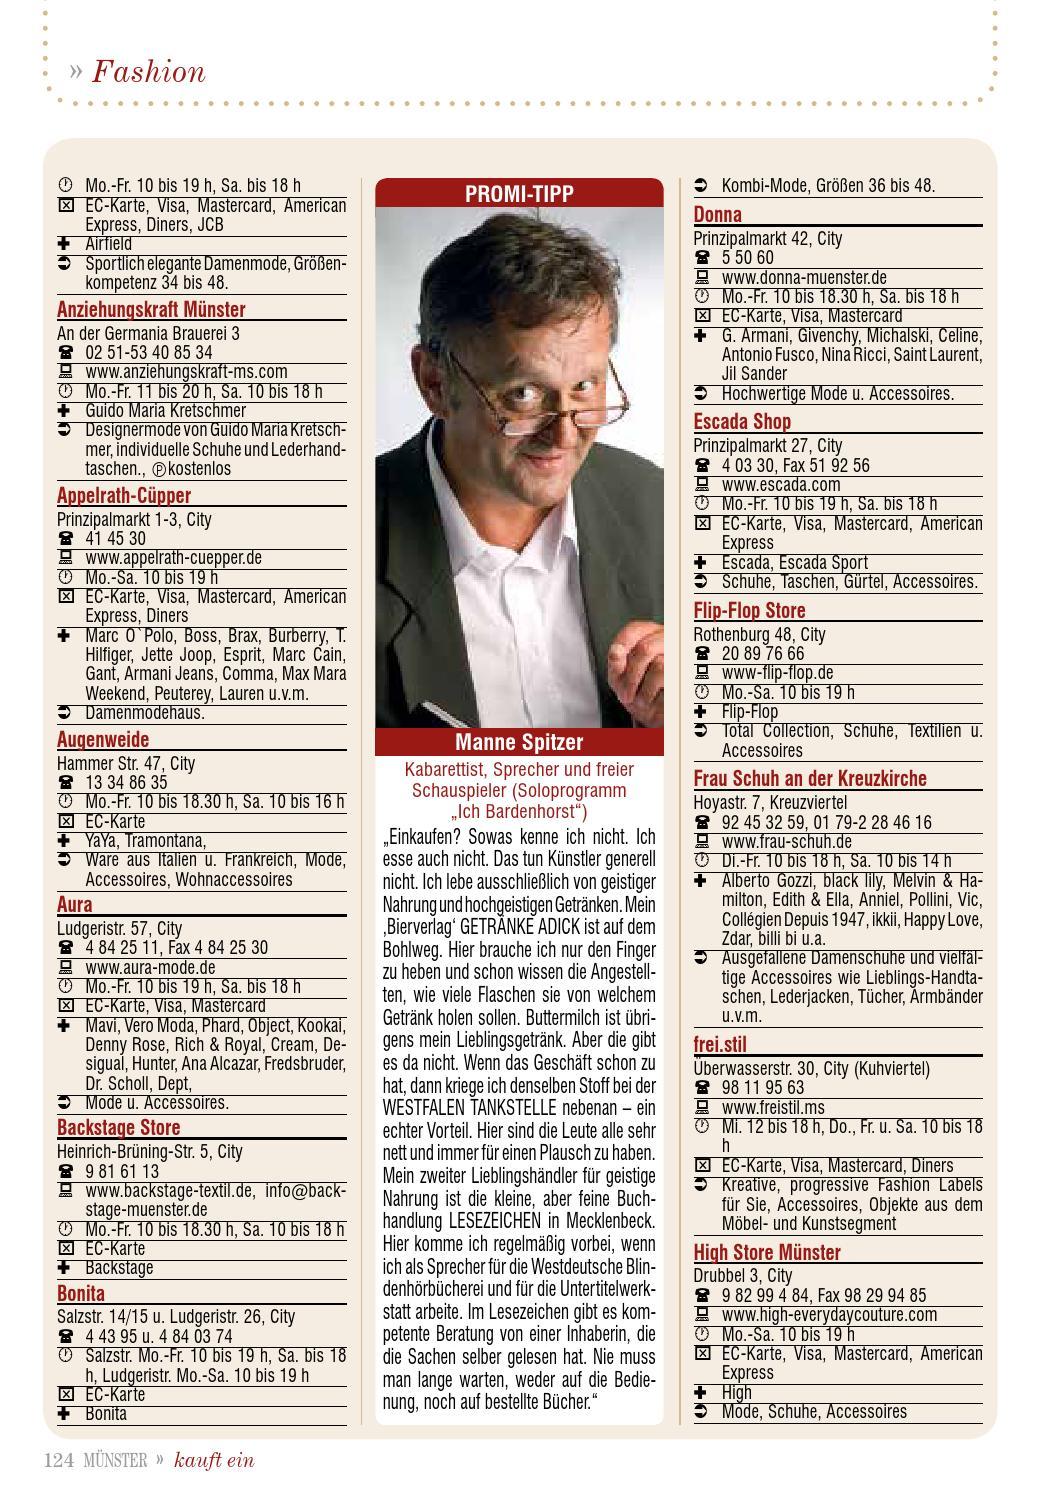 Münster kauft ein by Tips Verlag GmbH - issuu